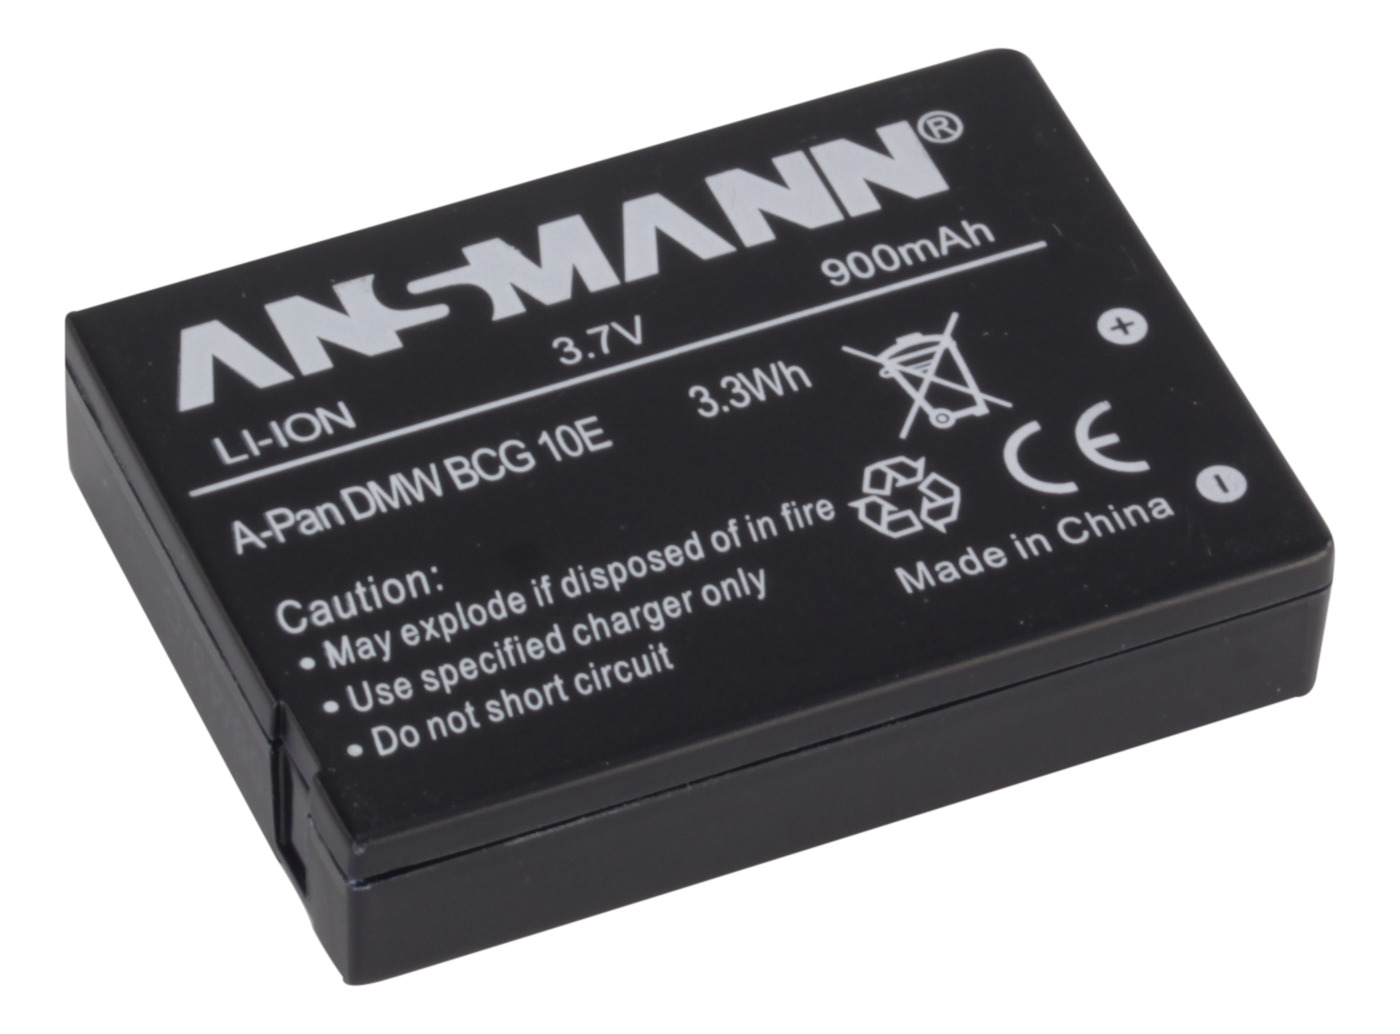 Ansmann A-Pan BCG 10E (5044593)